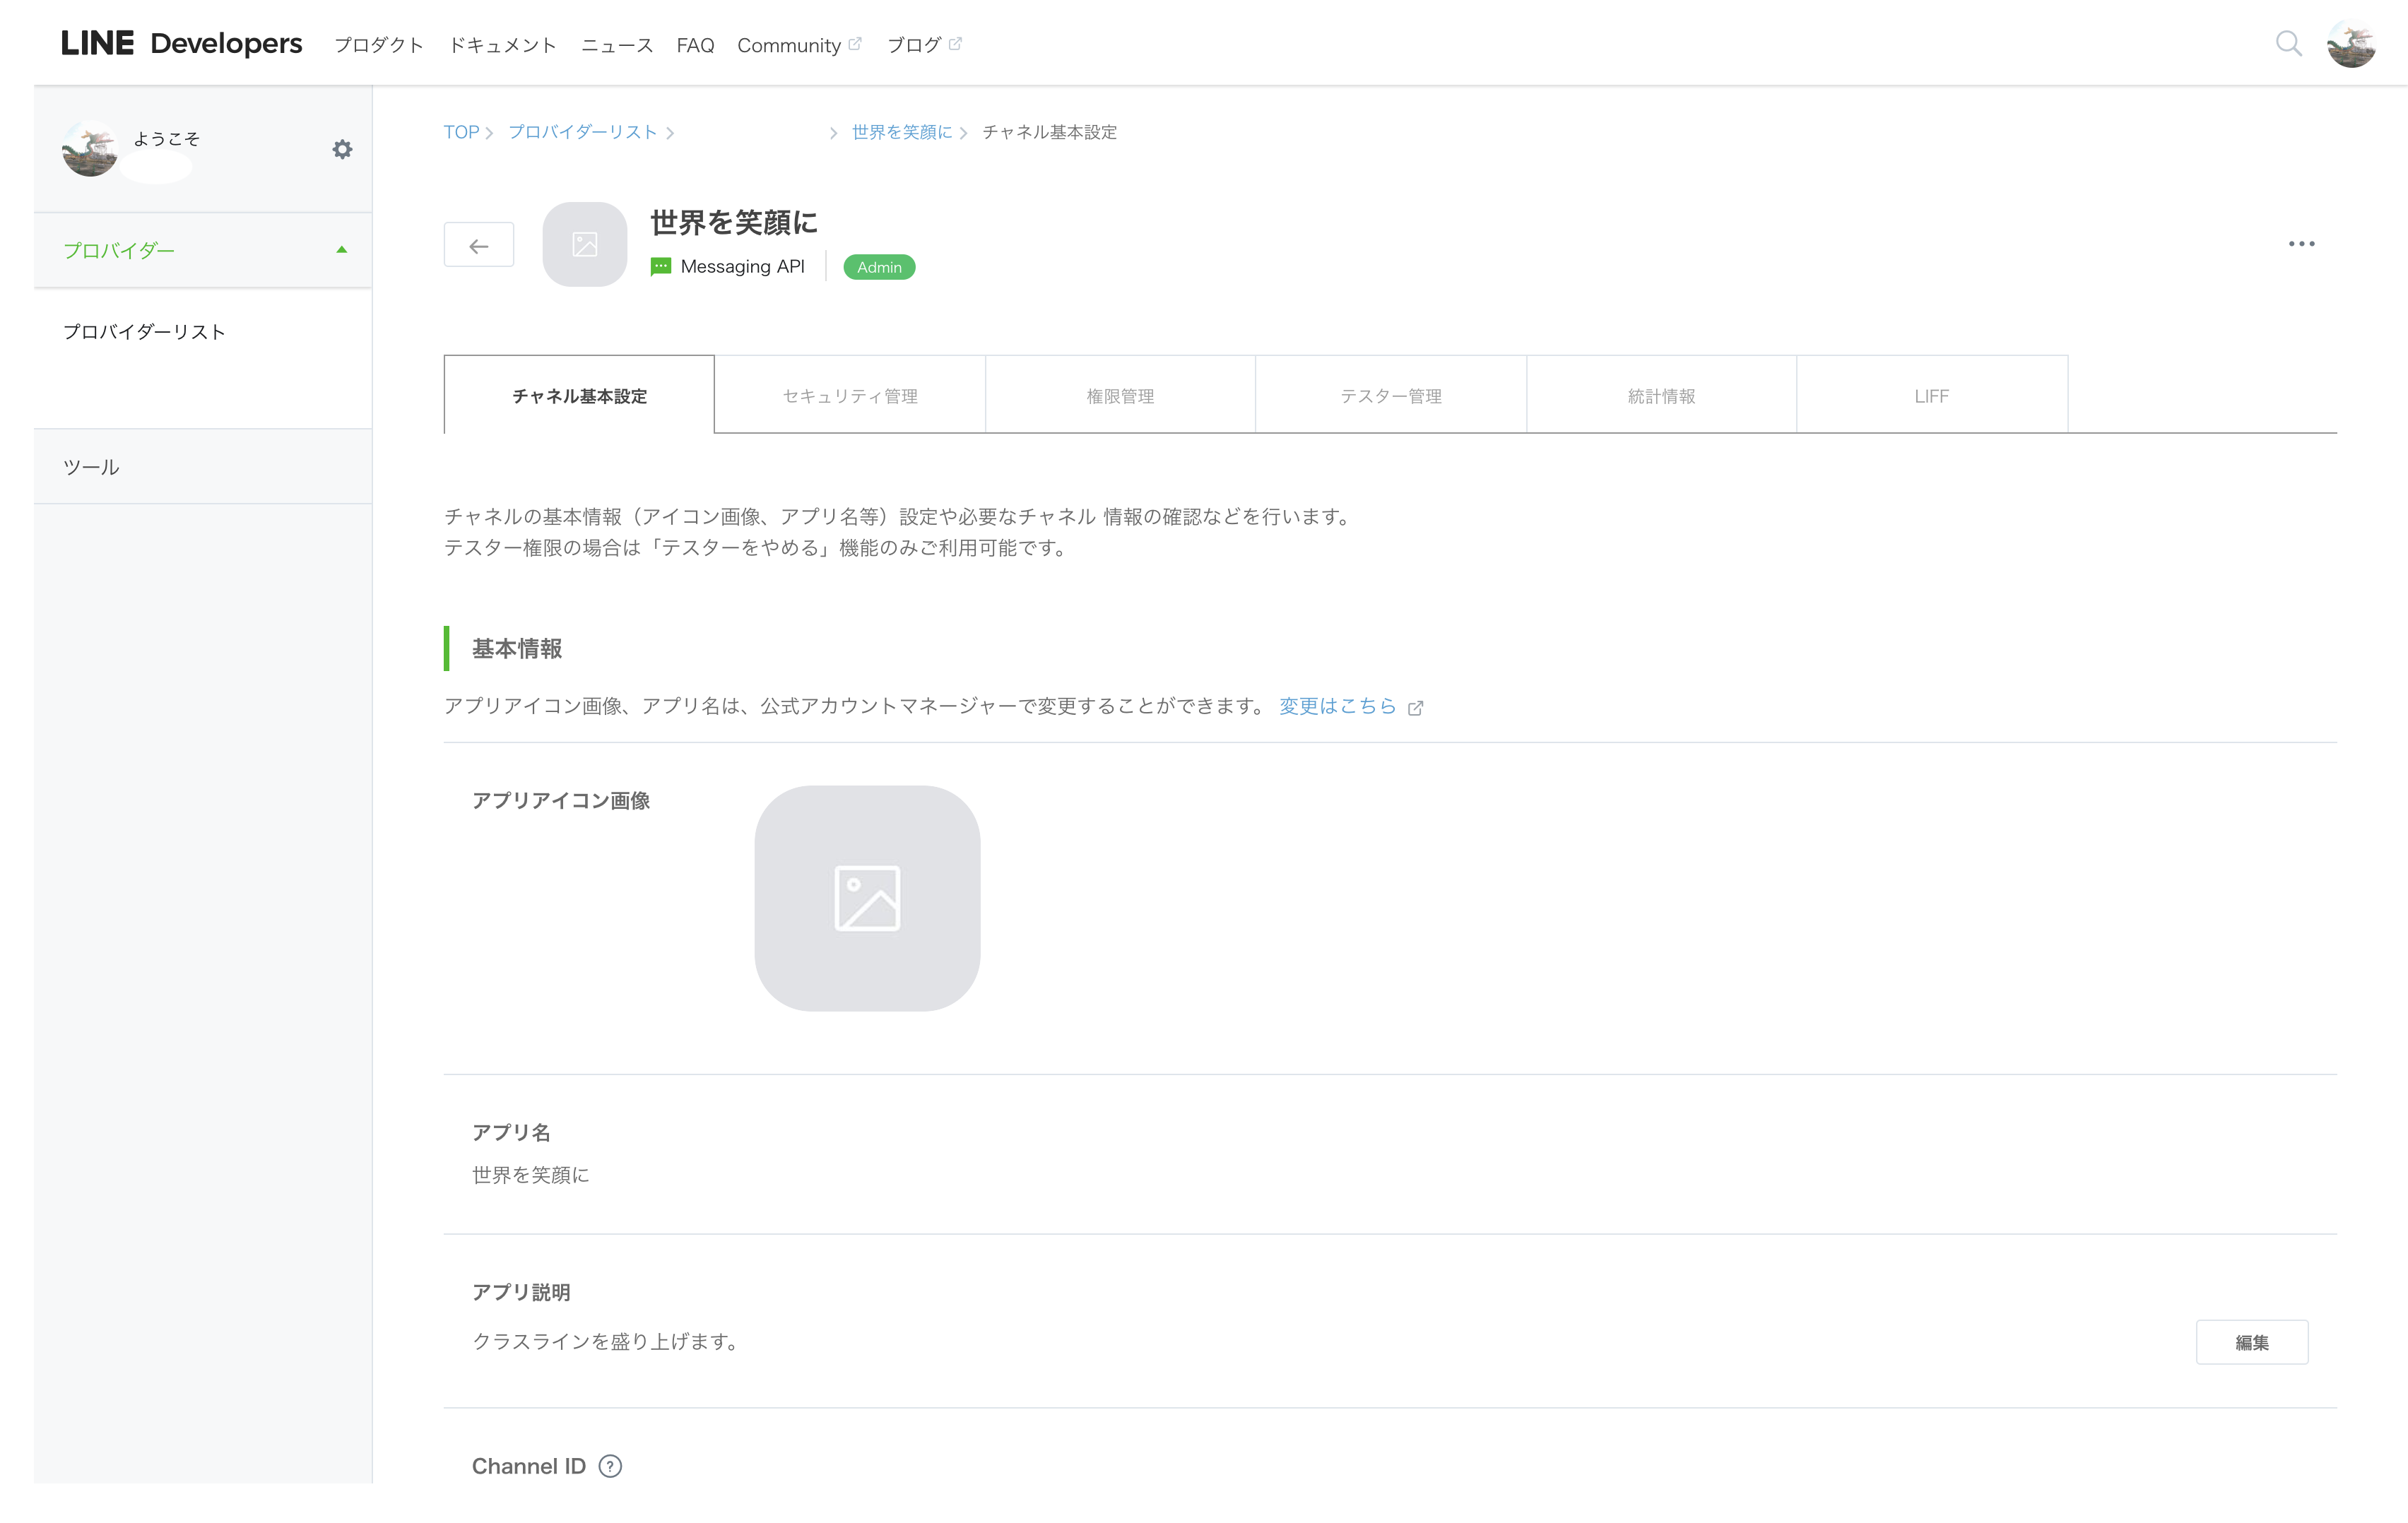 スクリーンショット 2019-01-07 14.42.16.png